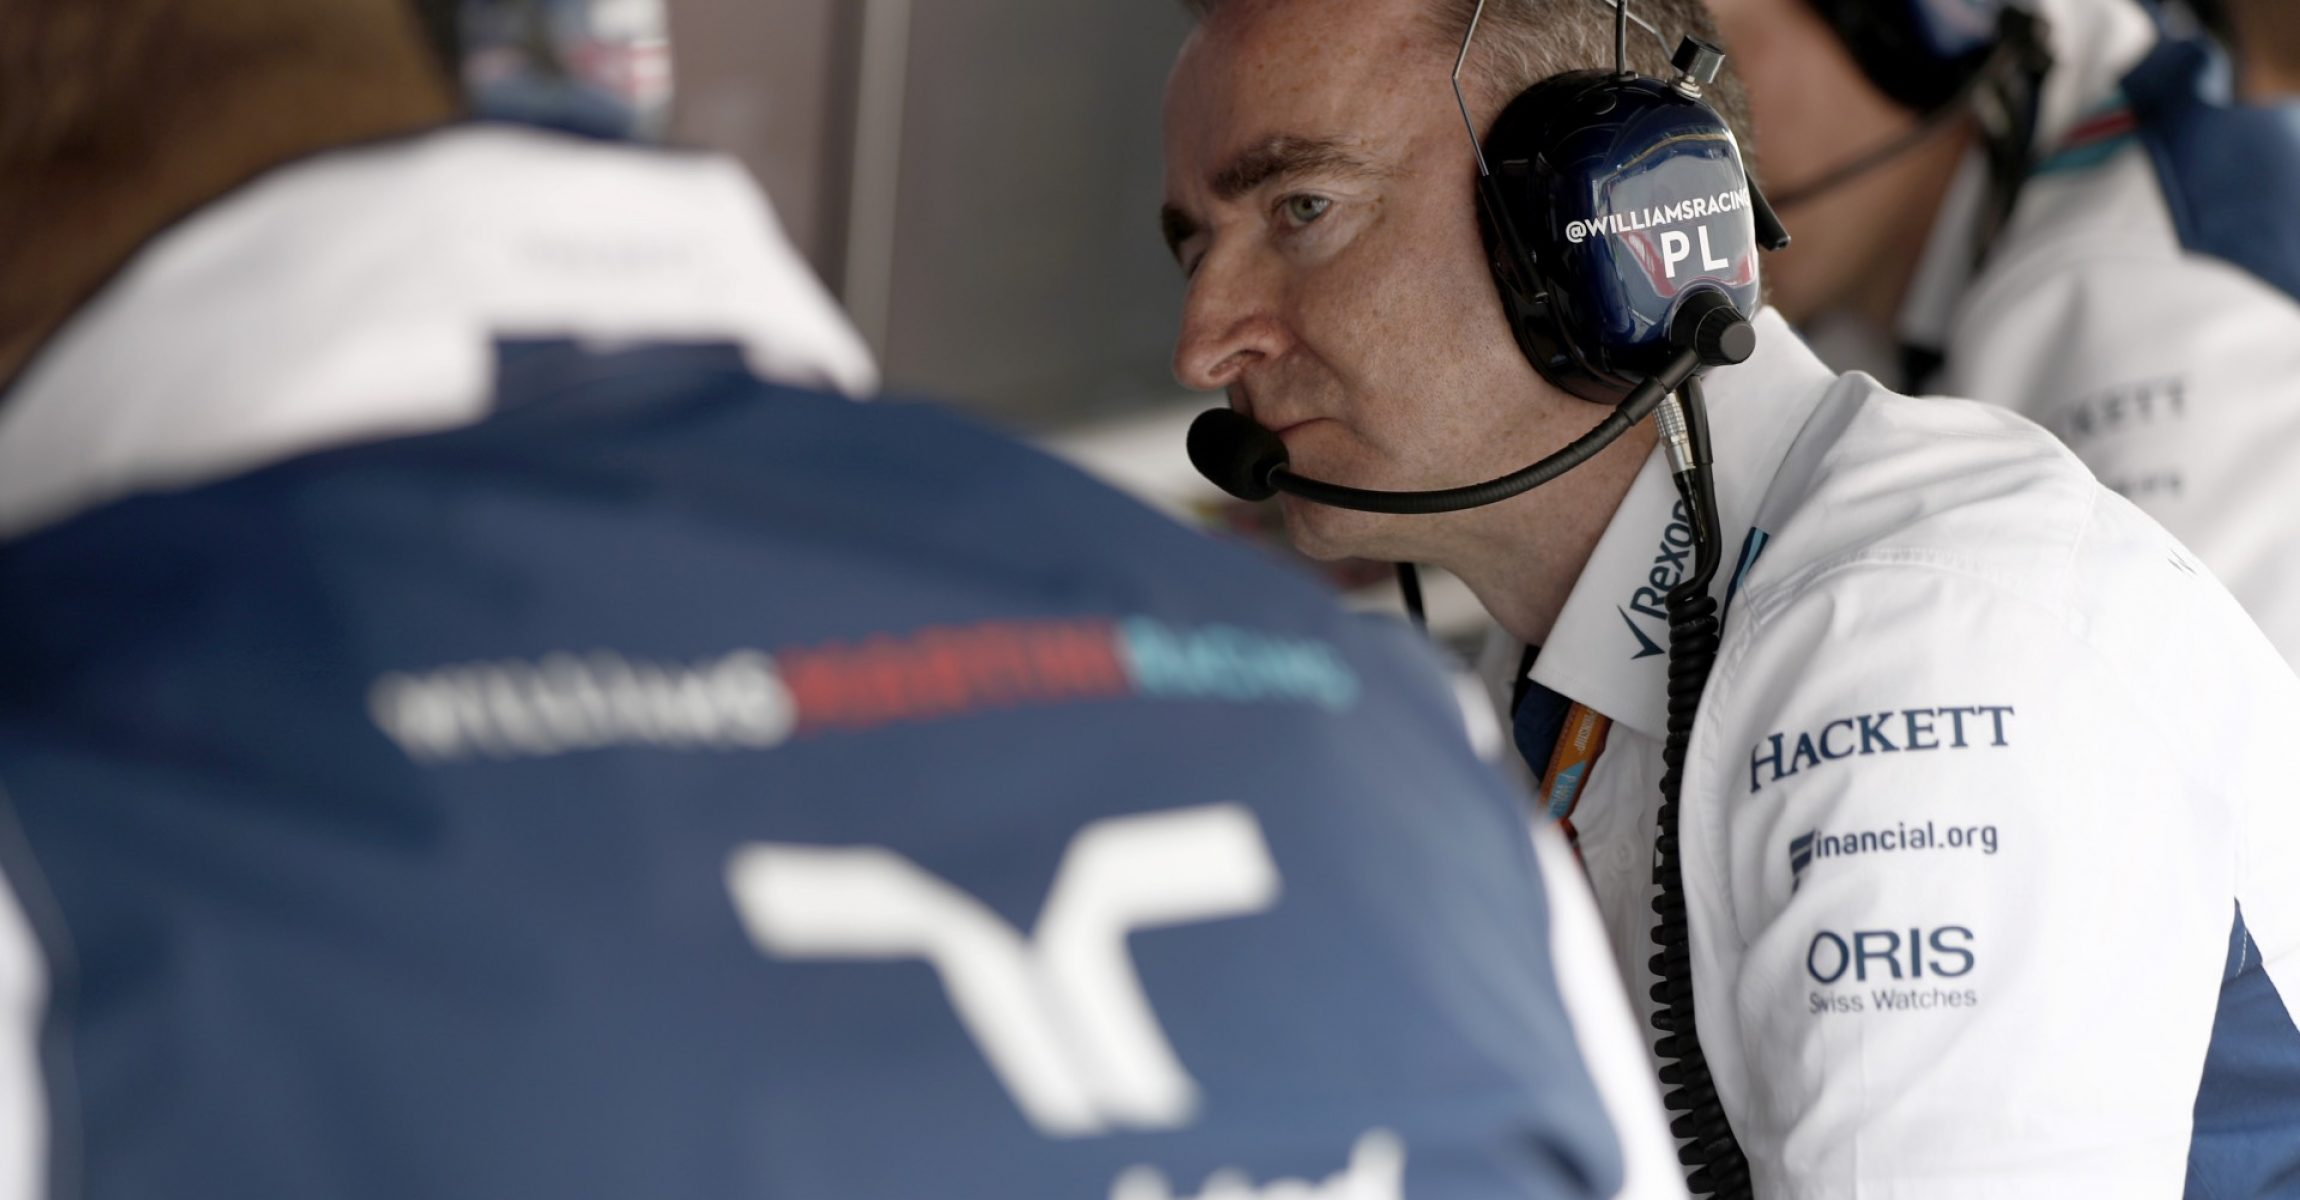 Fotó: Williams F1